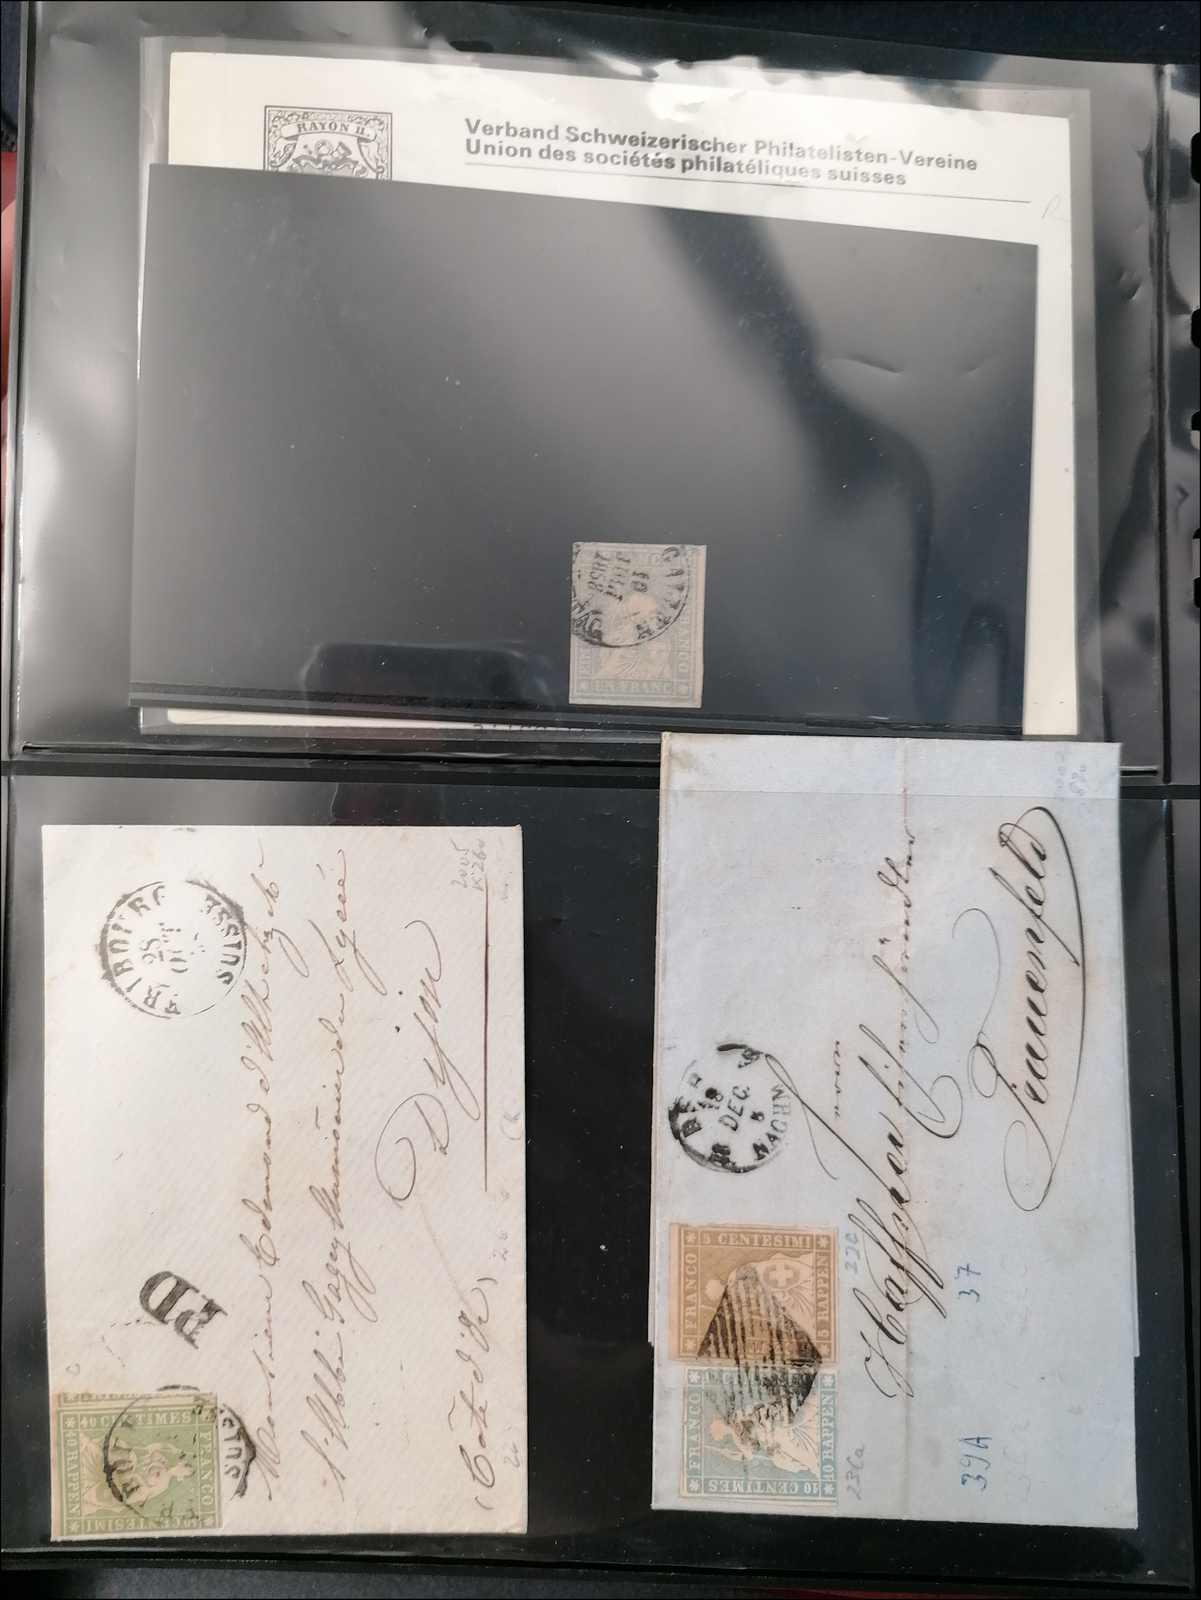 Lot 37 - sammlungen und posten sammlungen und posten altschweiz -  Rolli Auctions Auction #68 Day 1